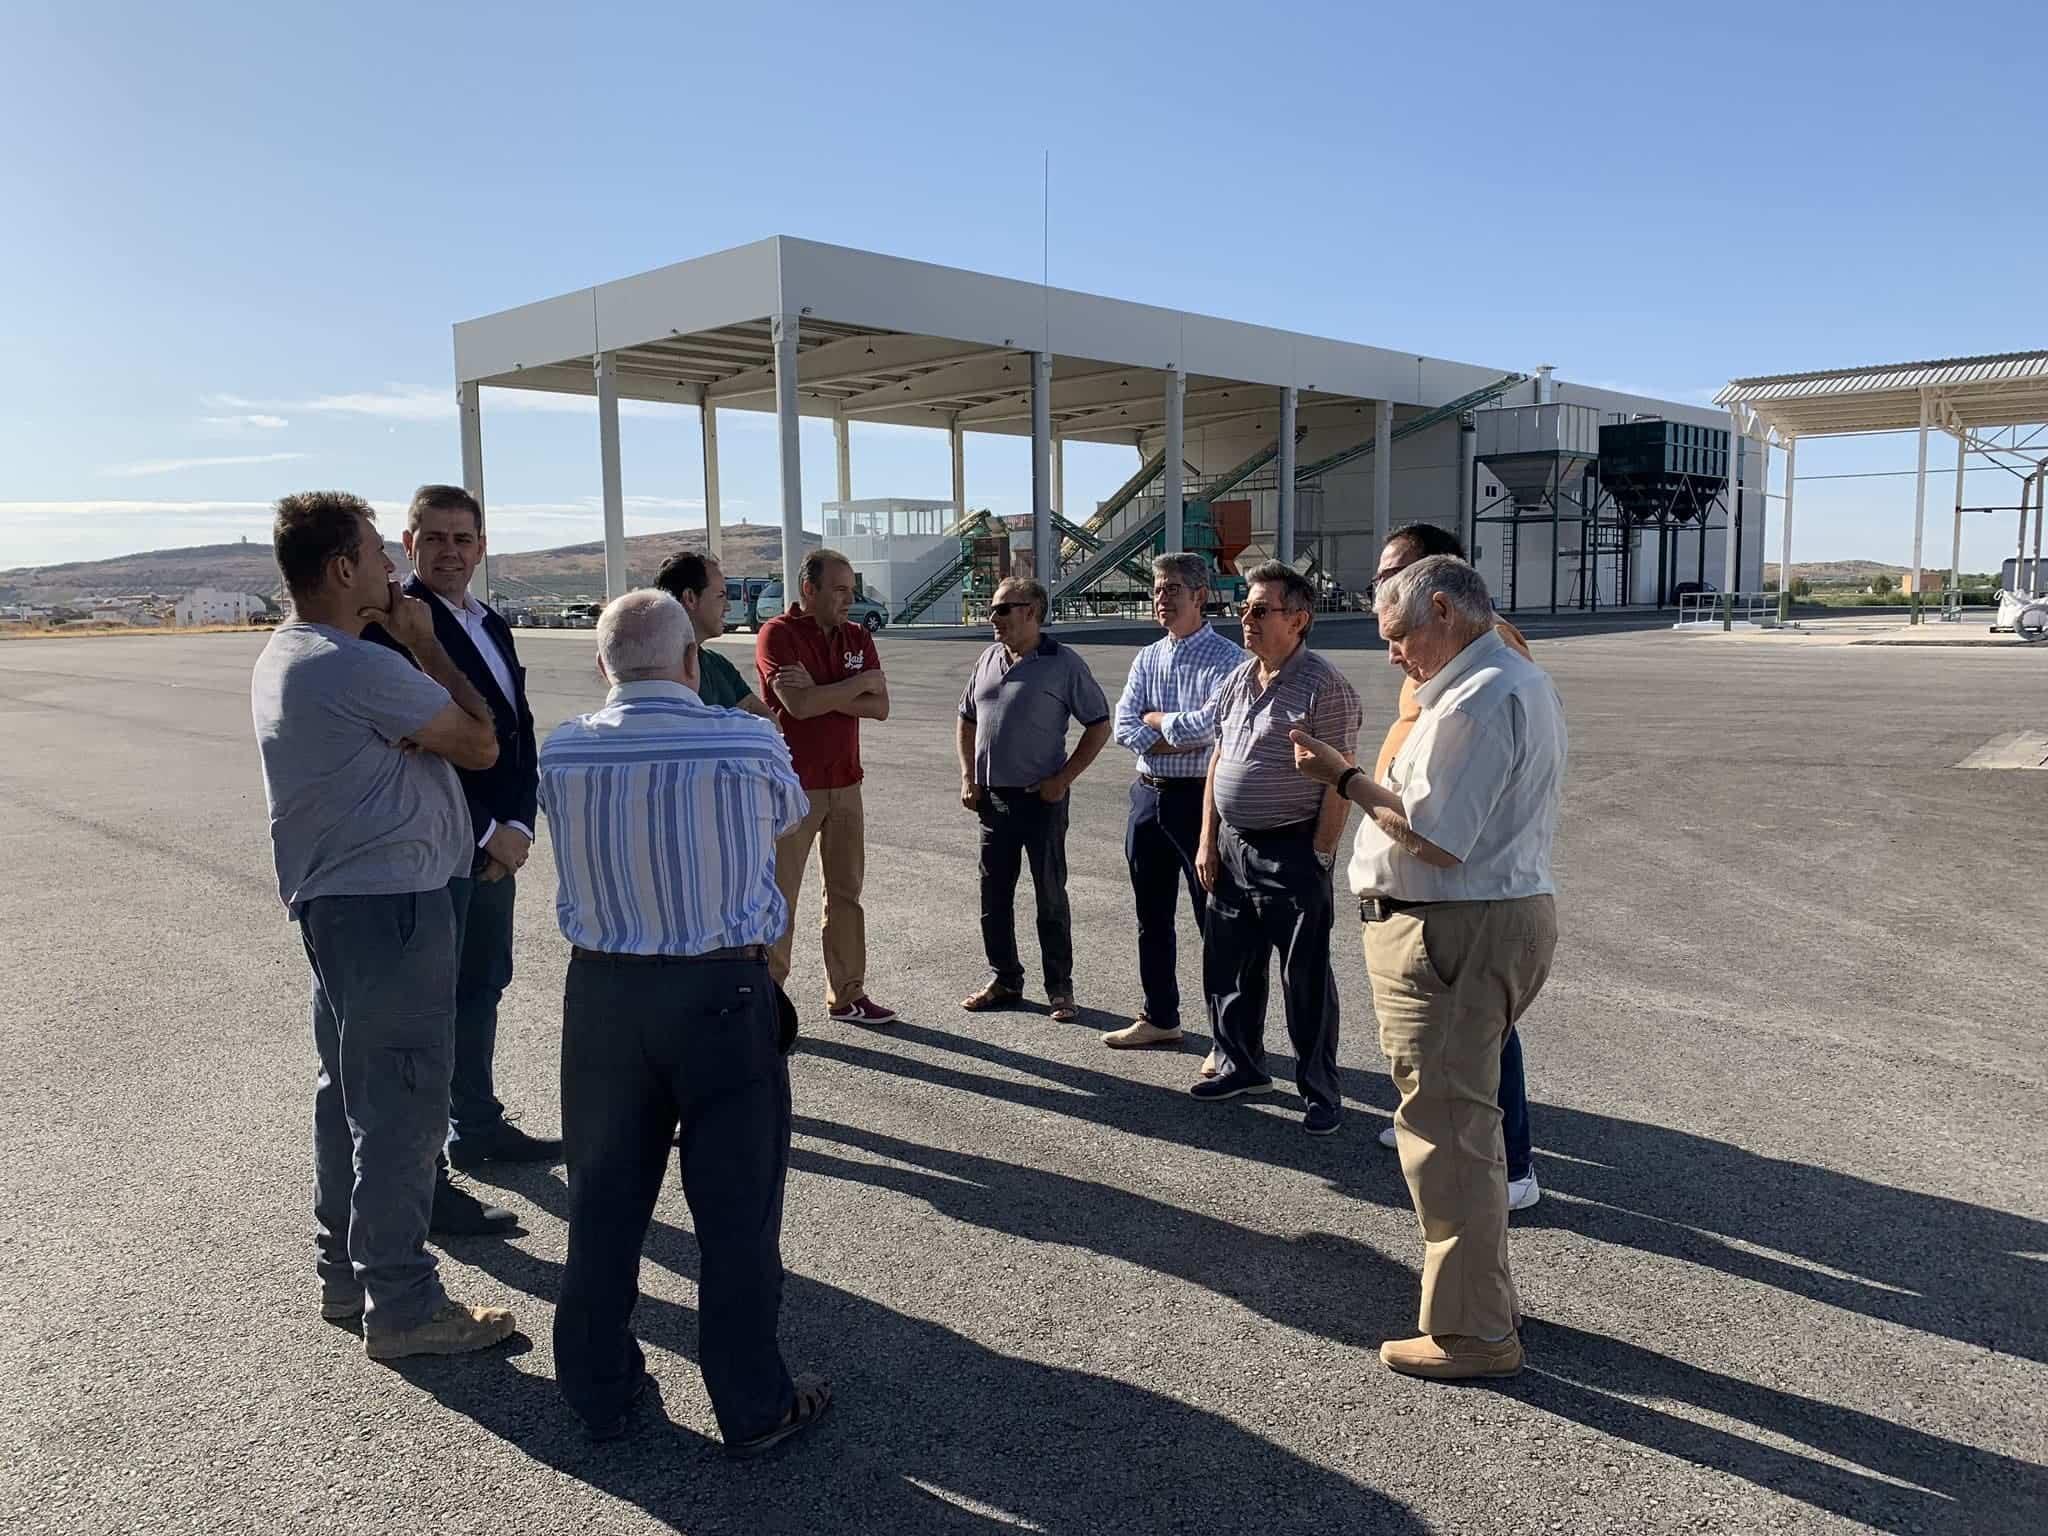 visita almazarera la encarnacion herencia 4 - Nuevas instalaciones de la Cooperativa Almazarera La Encarnación en Herencia